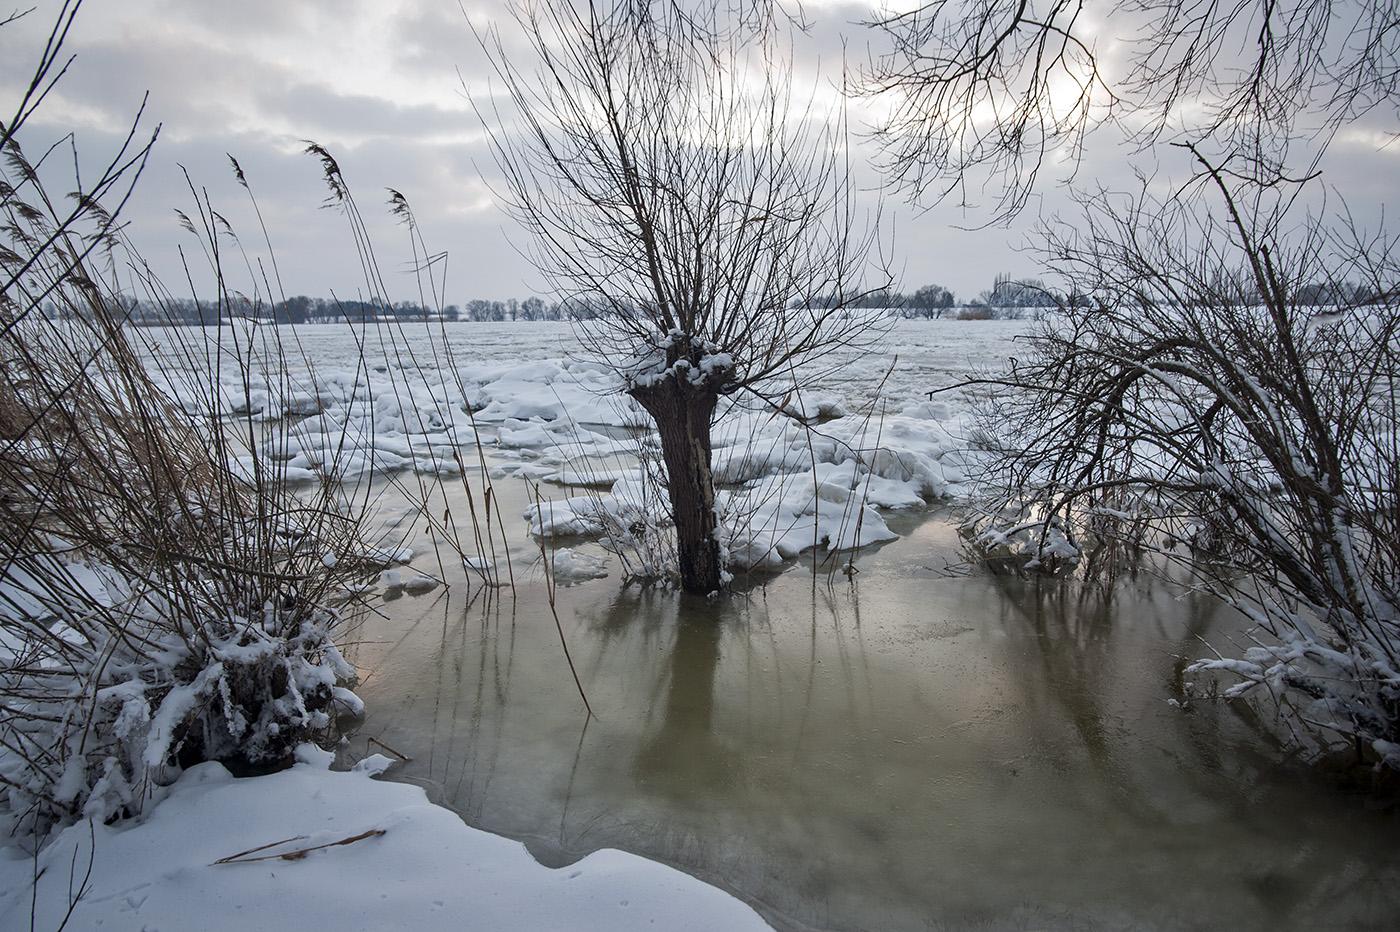 Overwerder, die Elbe im Winter